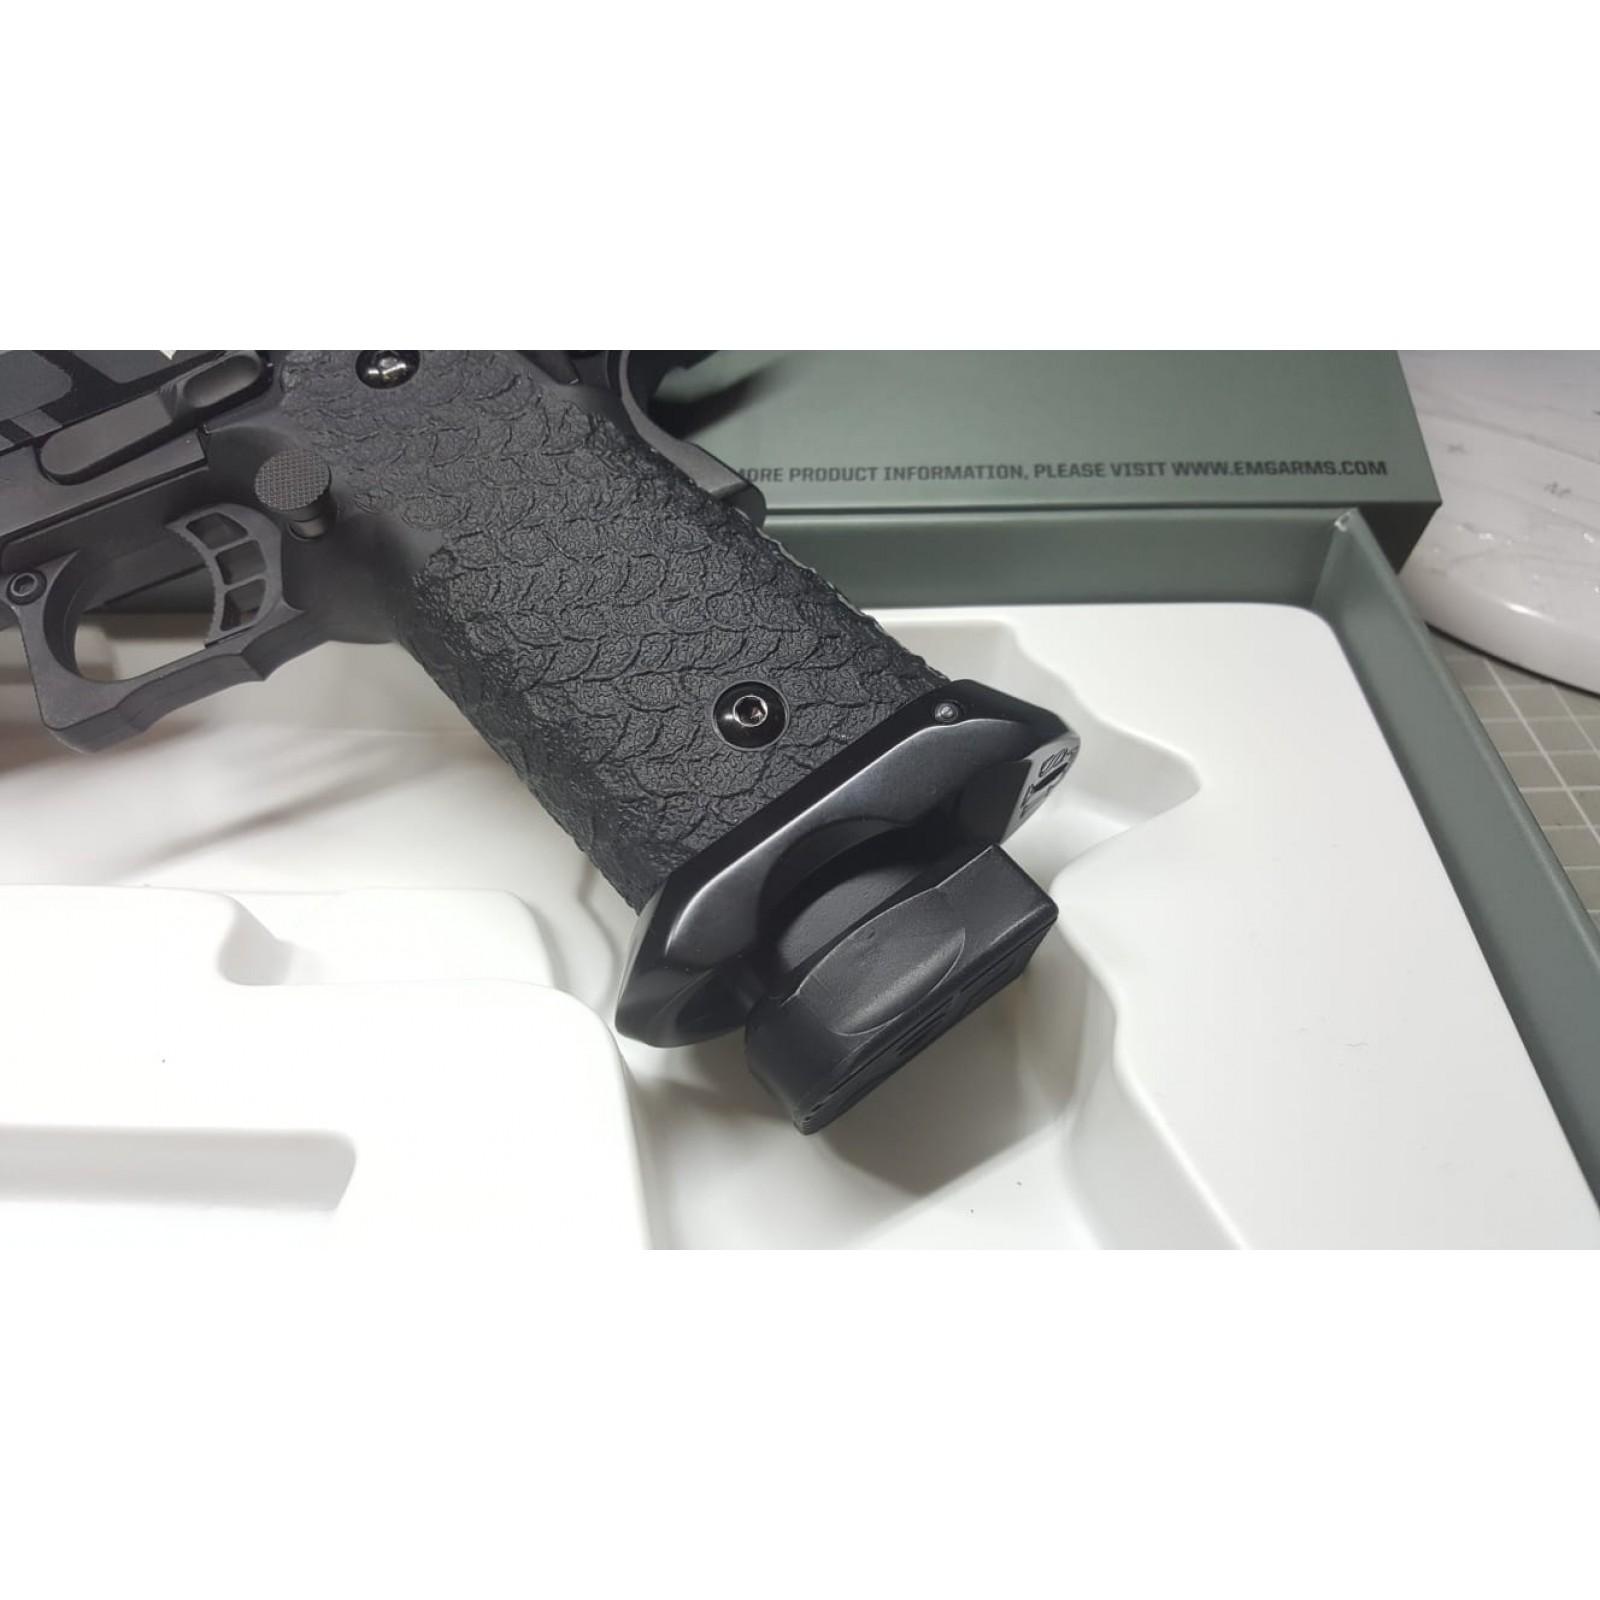 EMG STI TTI Combat Master 2011 GBB Pistol - Guns